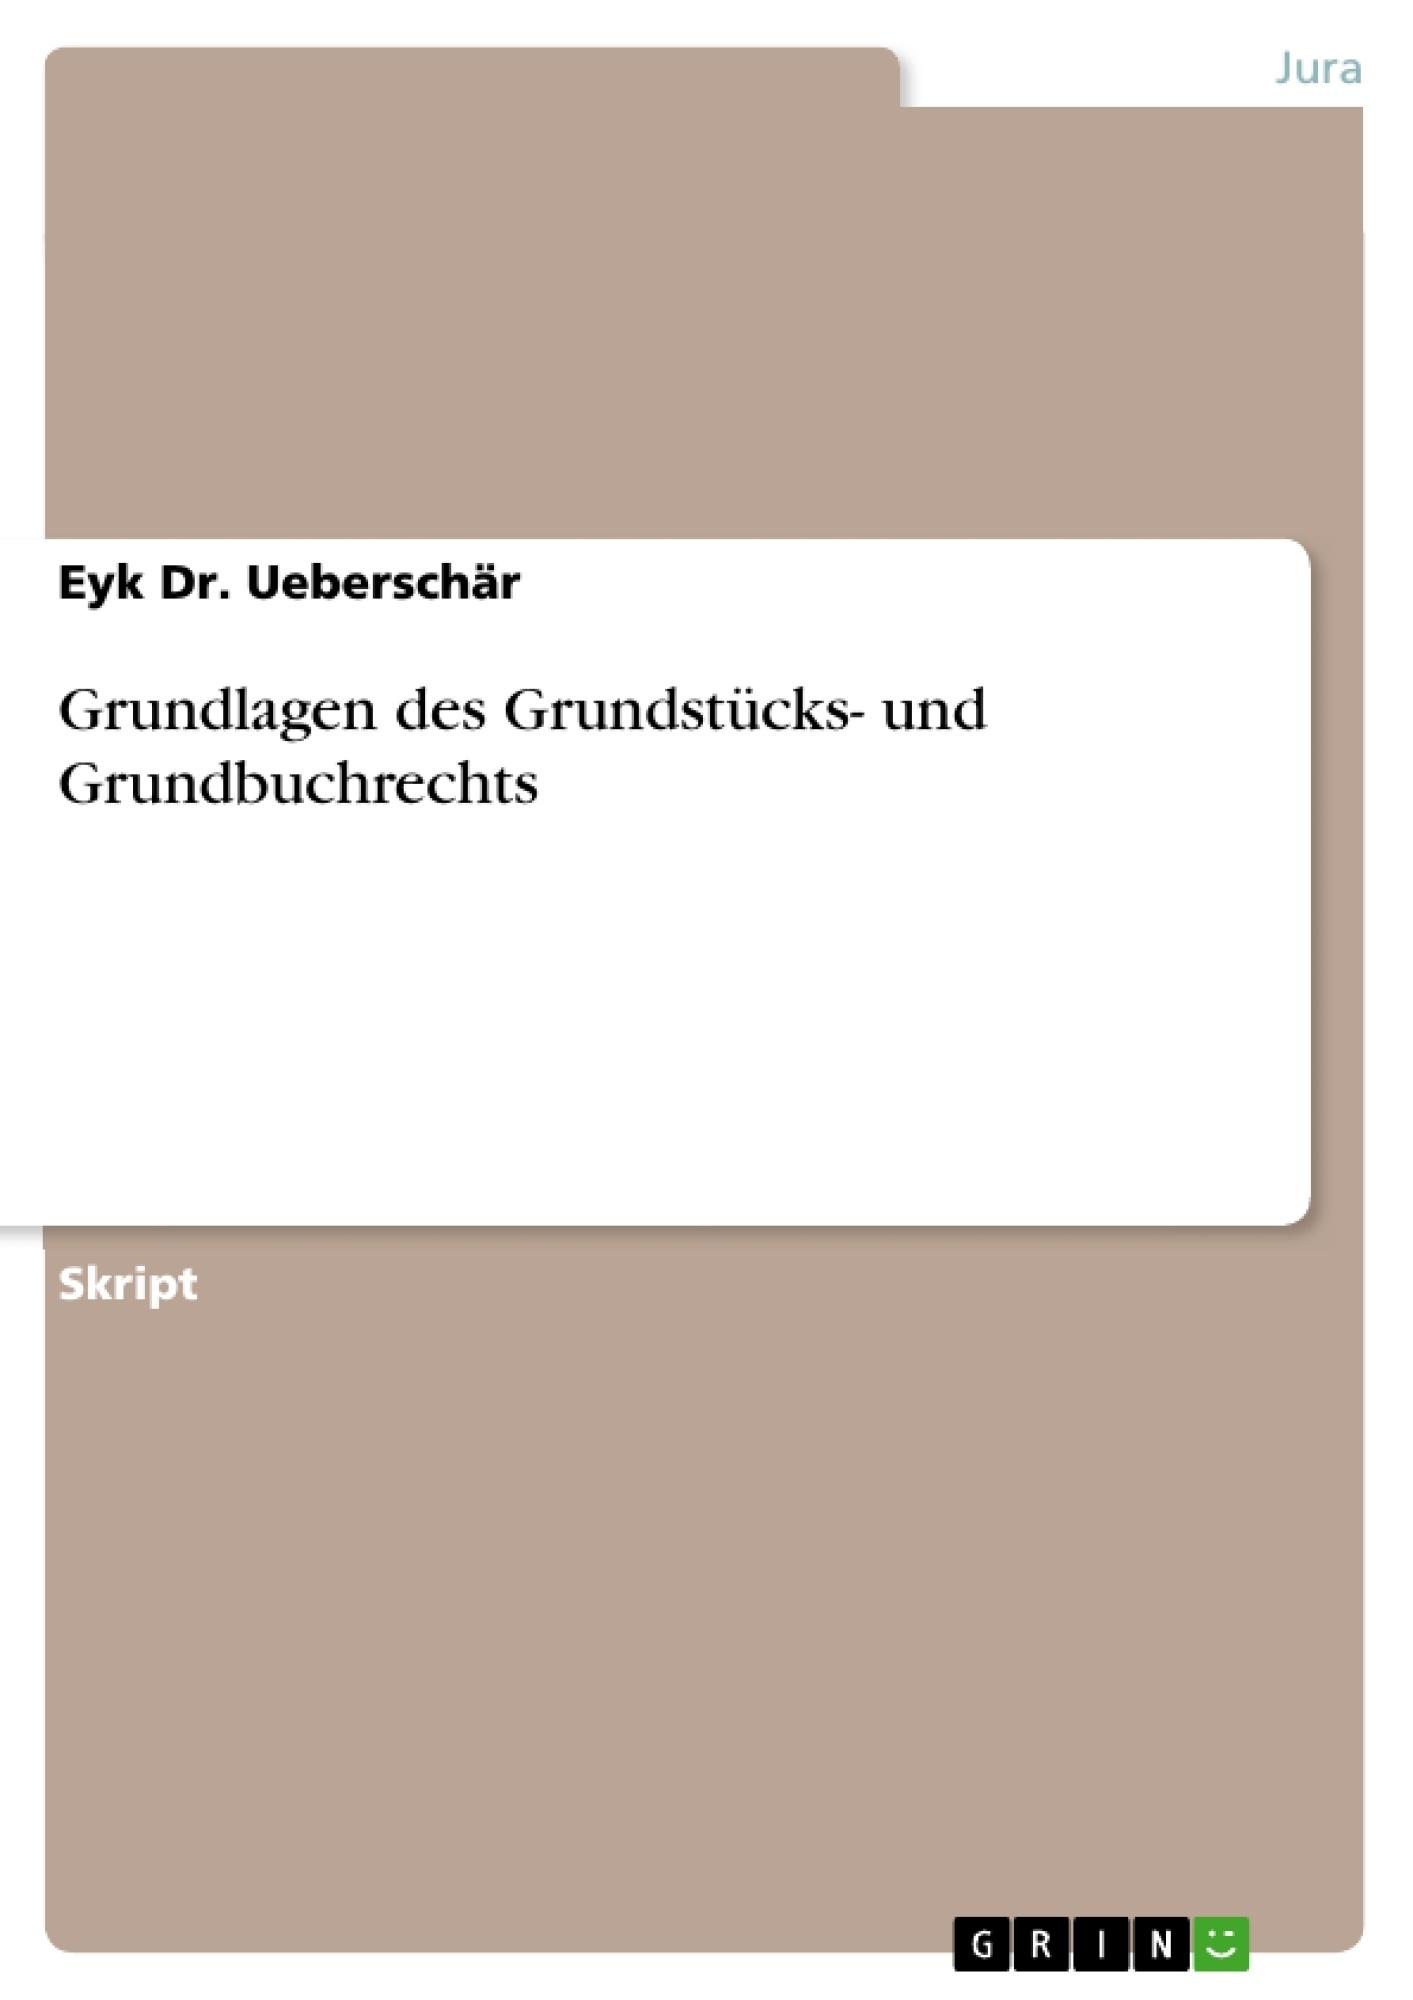 Titel: Grundlagen des Grundstücks- und Grundbuchrechts